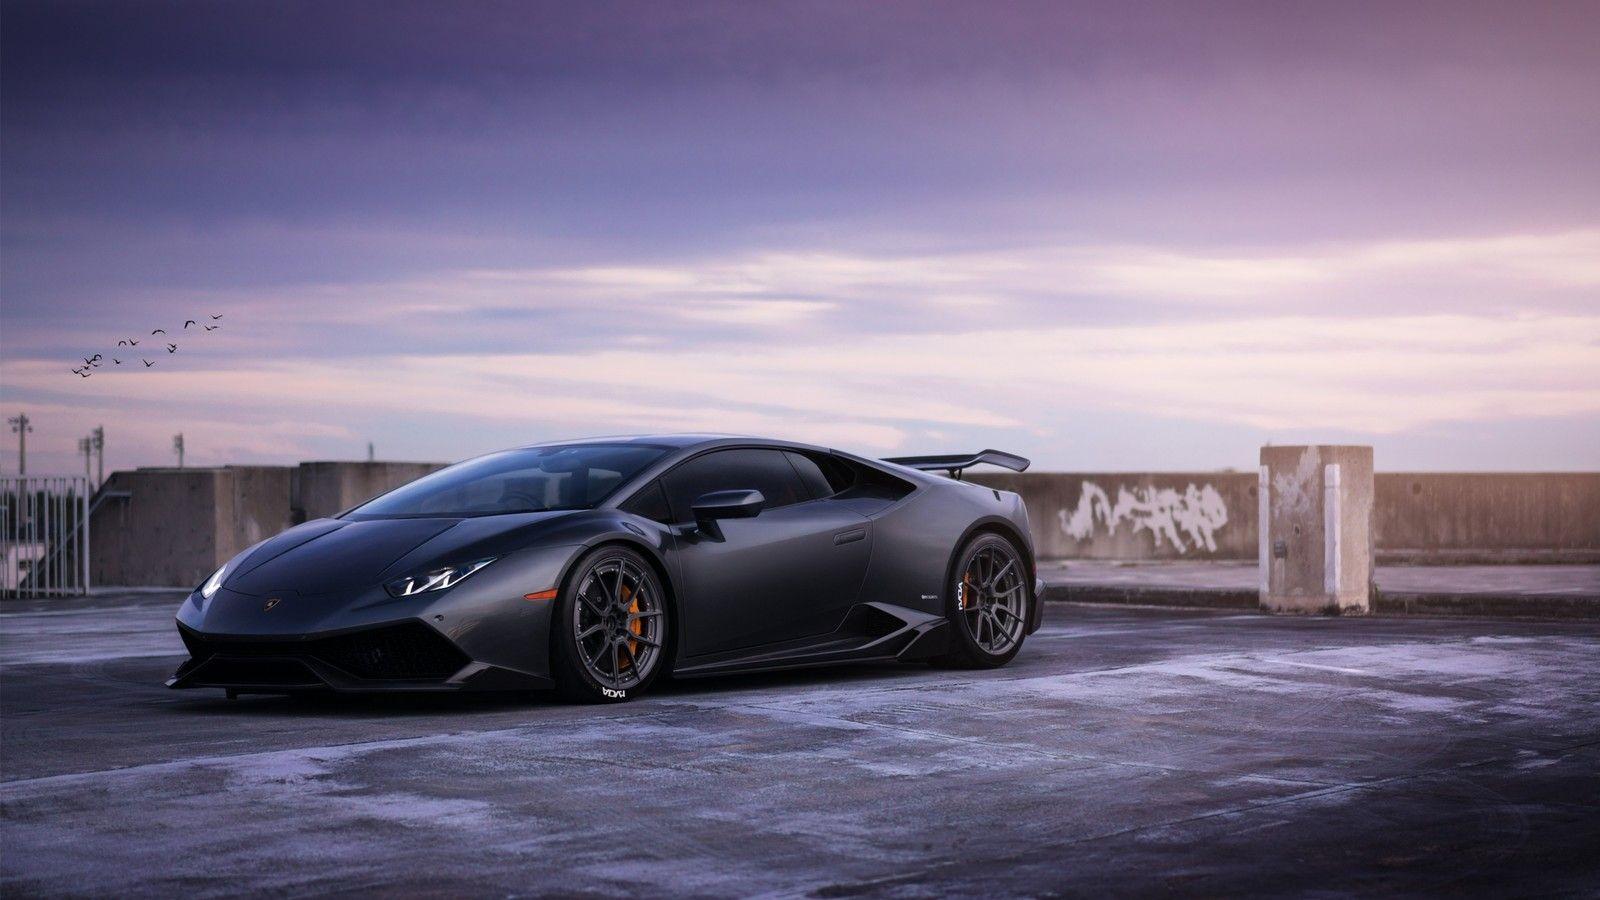 Live Wallpaper Hd Lamborghini Lamborghini Pictures Lamborghini Huracan